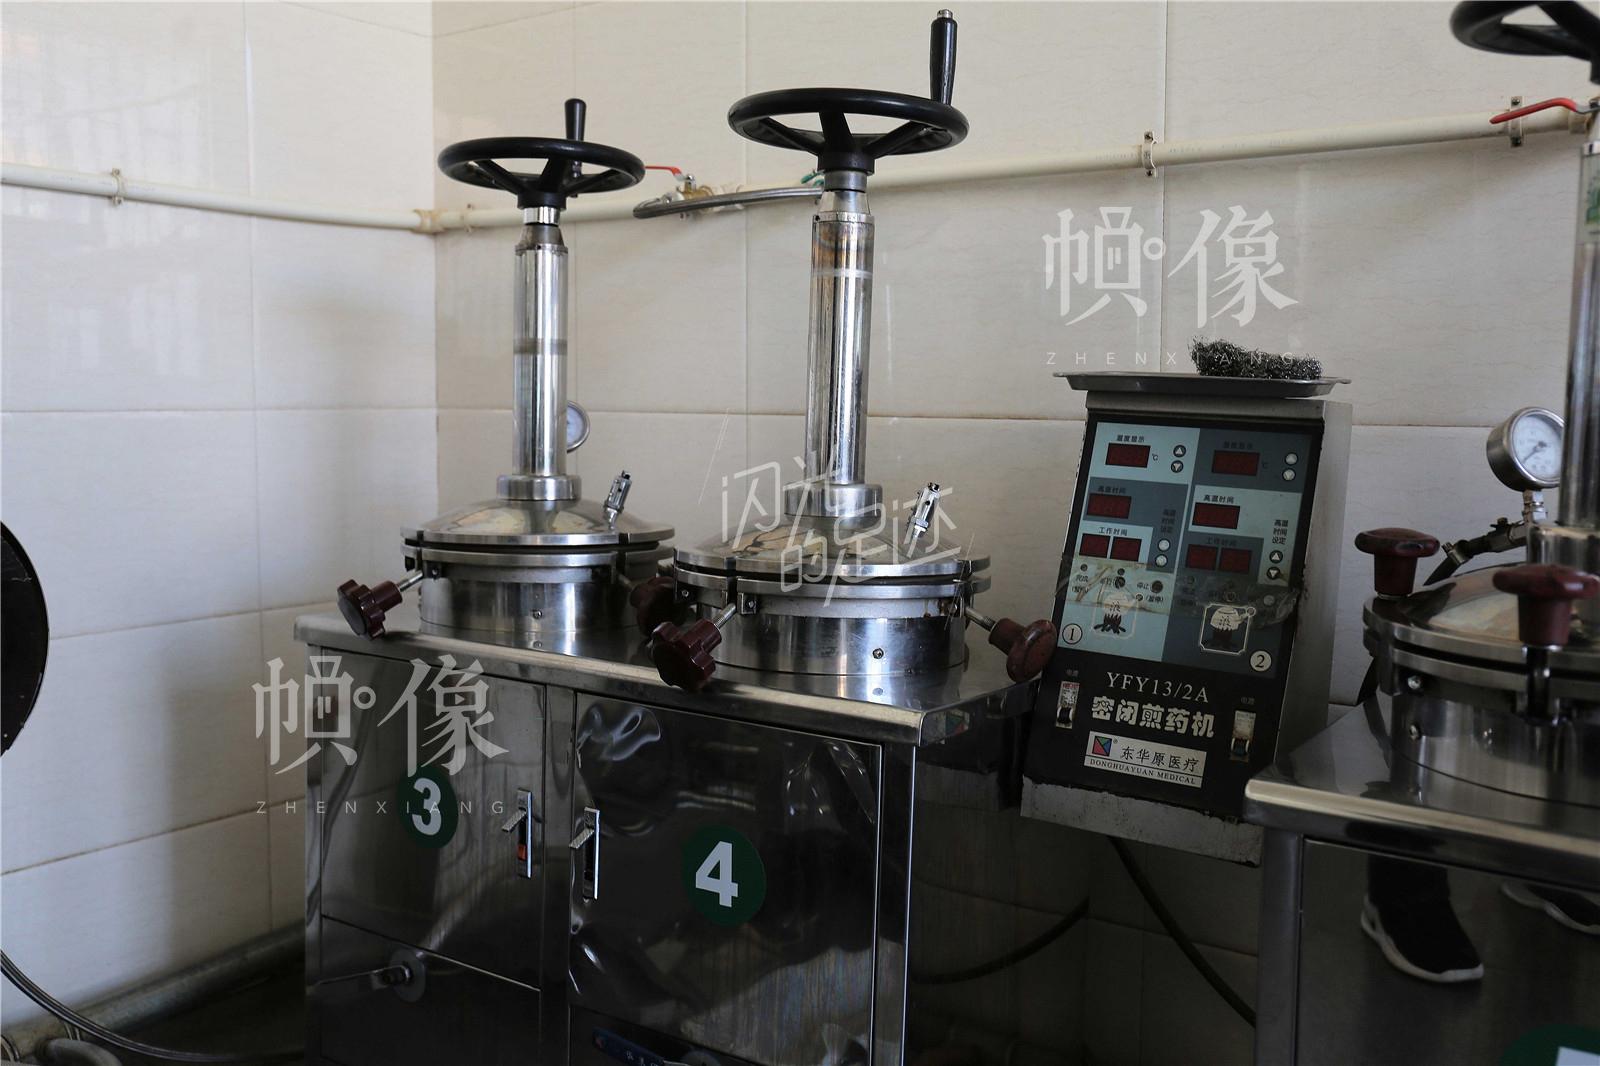 作为建院的第一批密闭煎药机,15年过去了,机器内外依旧如新。中国网记者 黄富友 摄